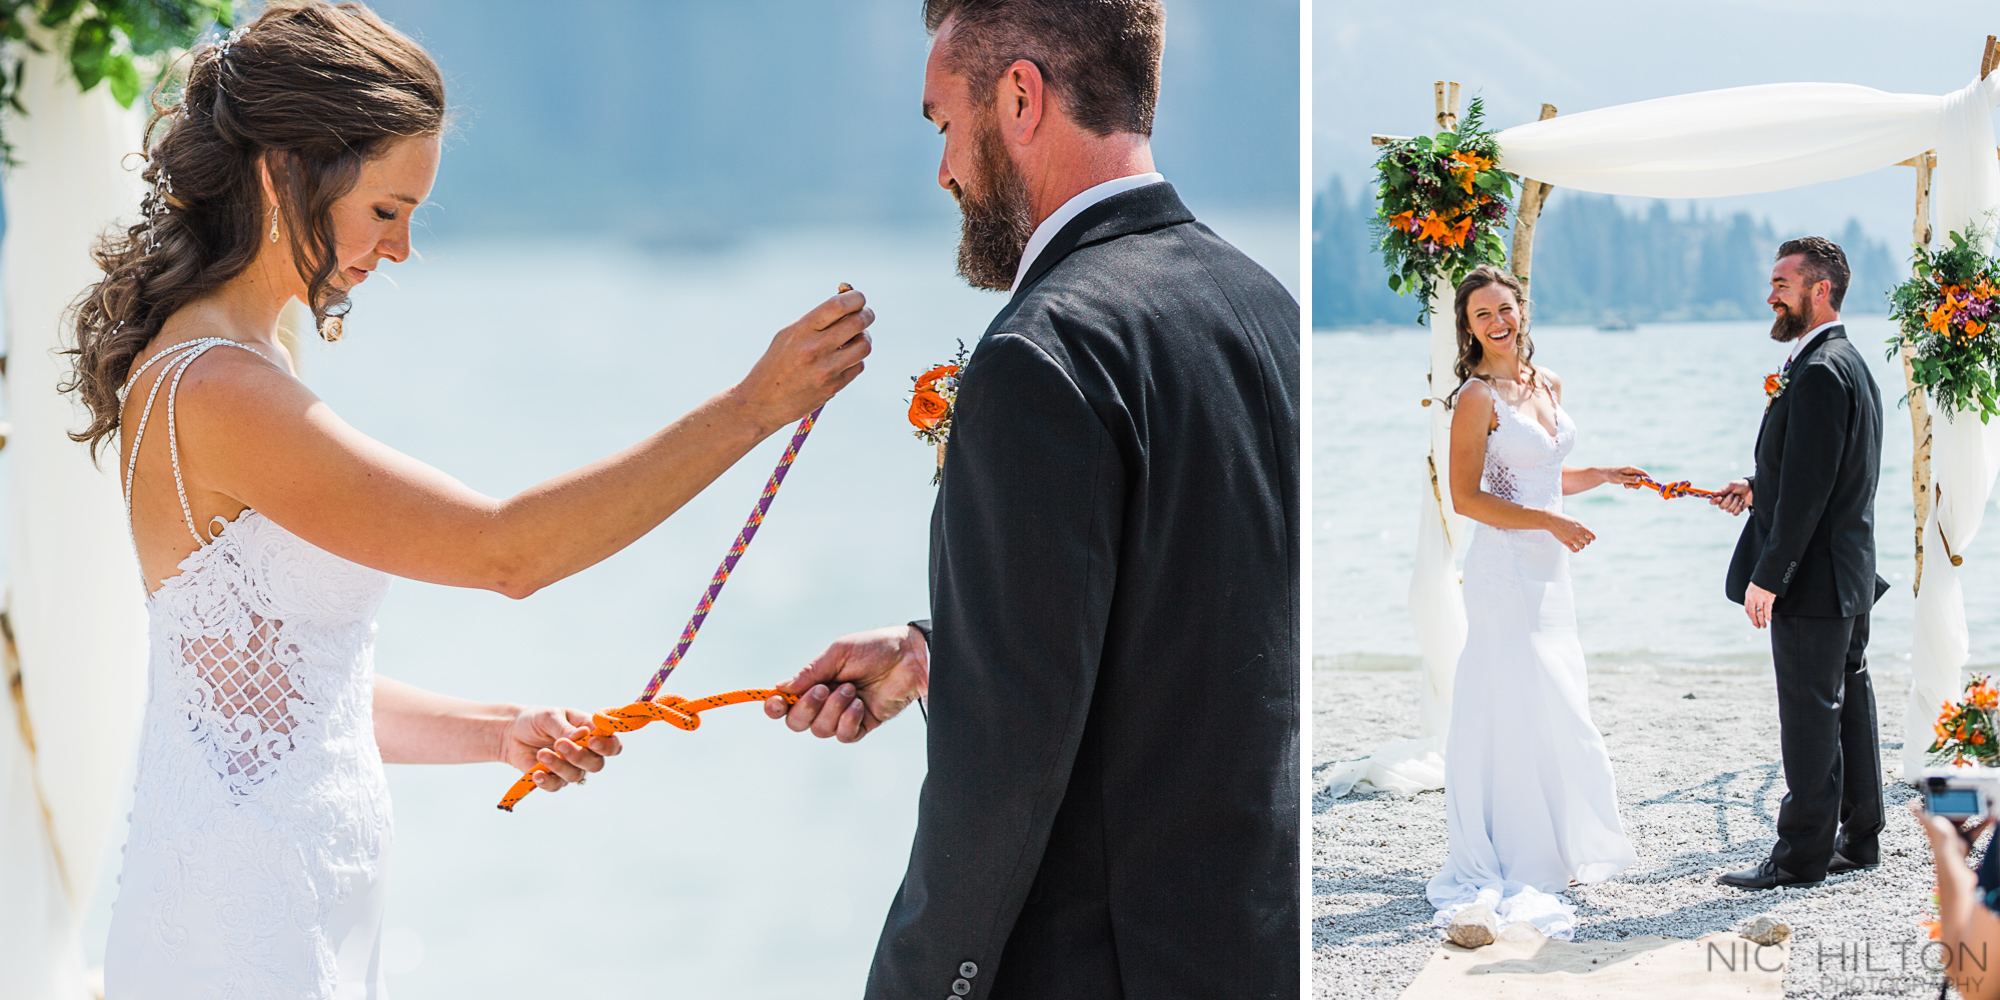 Wedding-June-Lake-Beach-rope-tie.jpg